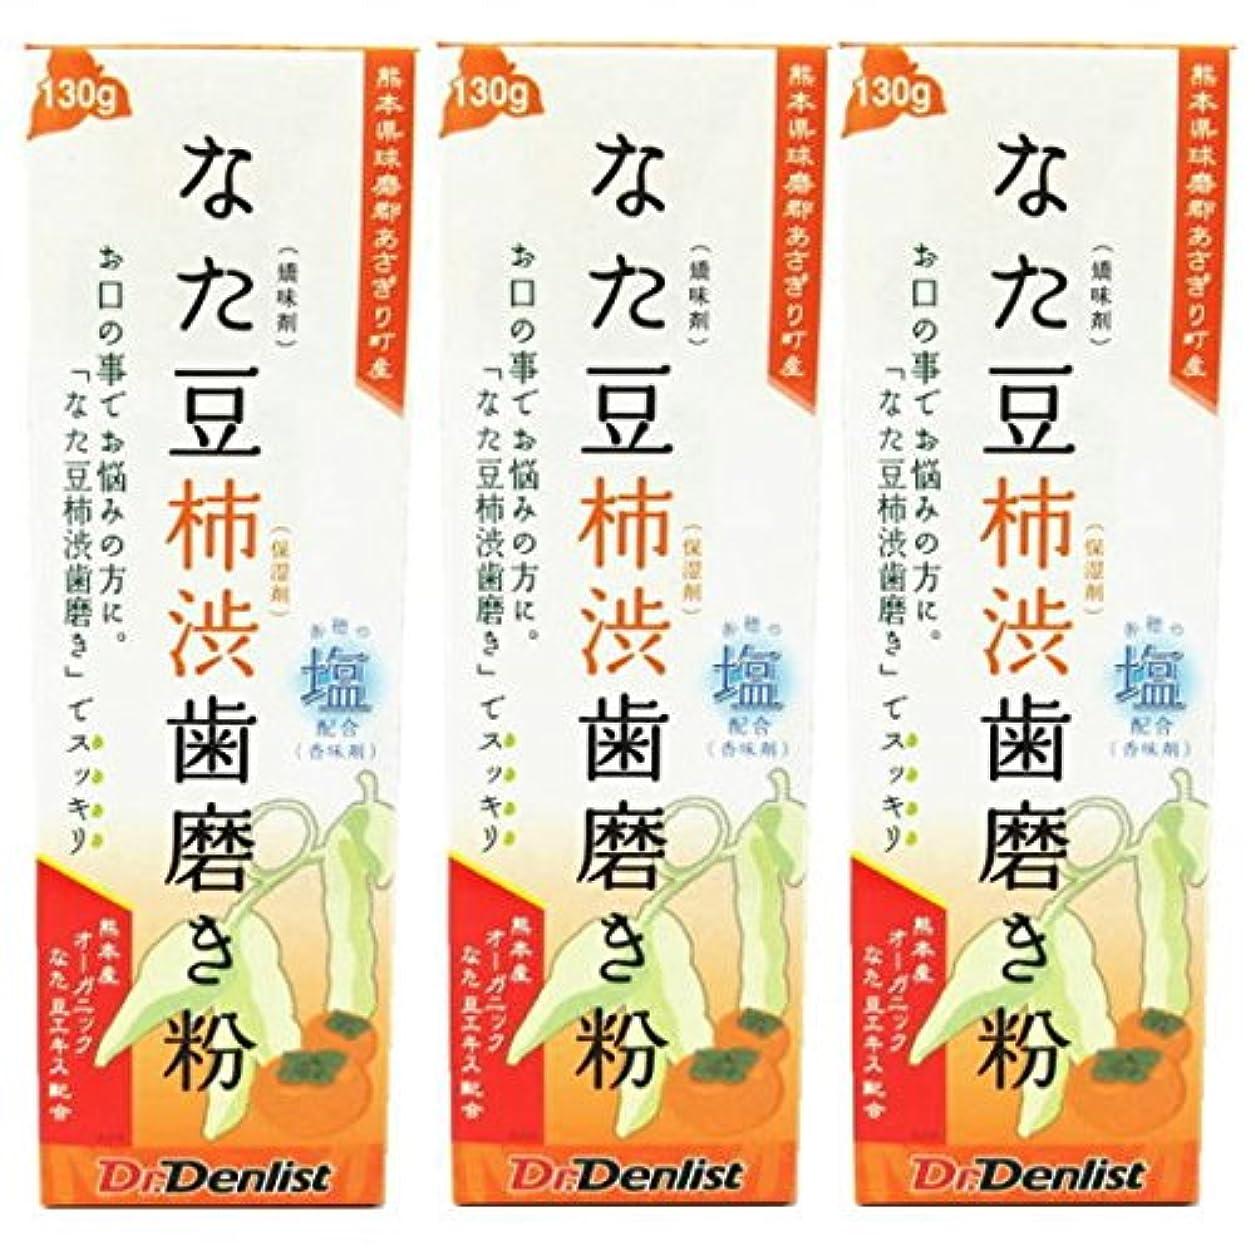 インターネット構成員こどもセンターなた豆柿渋歯磨き 130g 3個セット 国産 有機なた豆使用 赤穂の塩配合(香味剤)